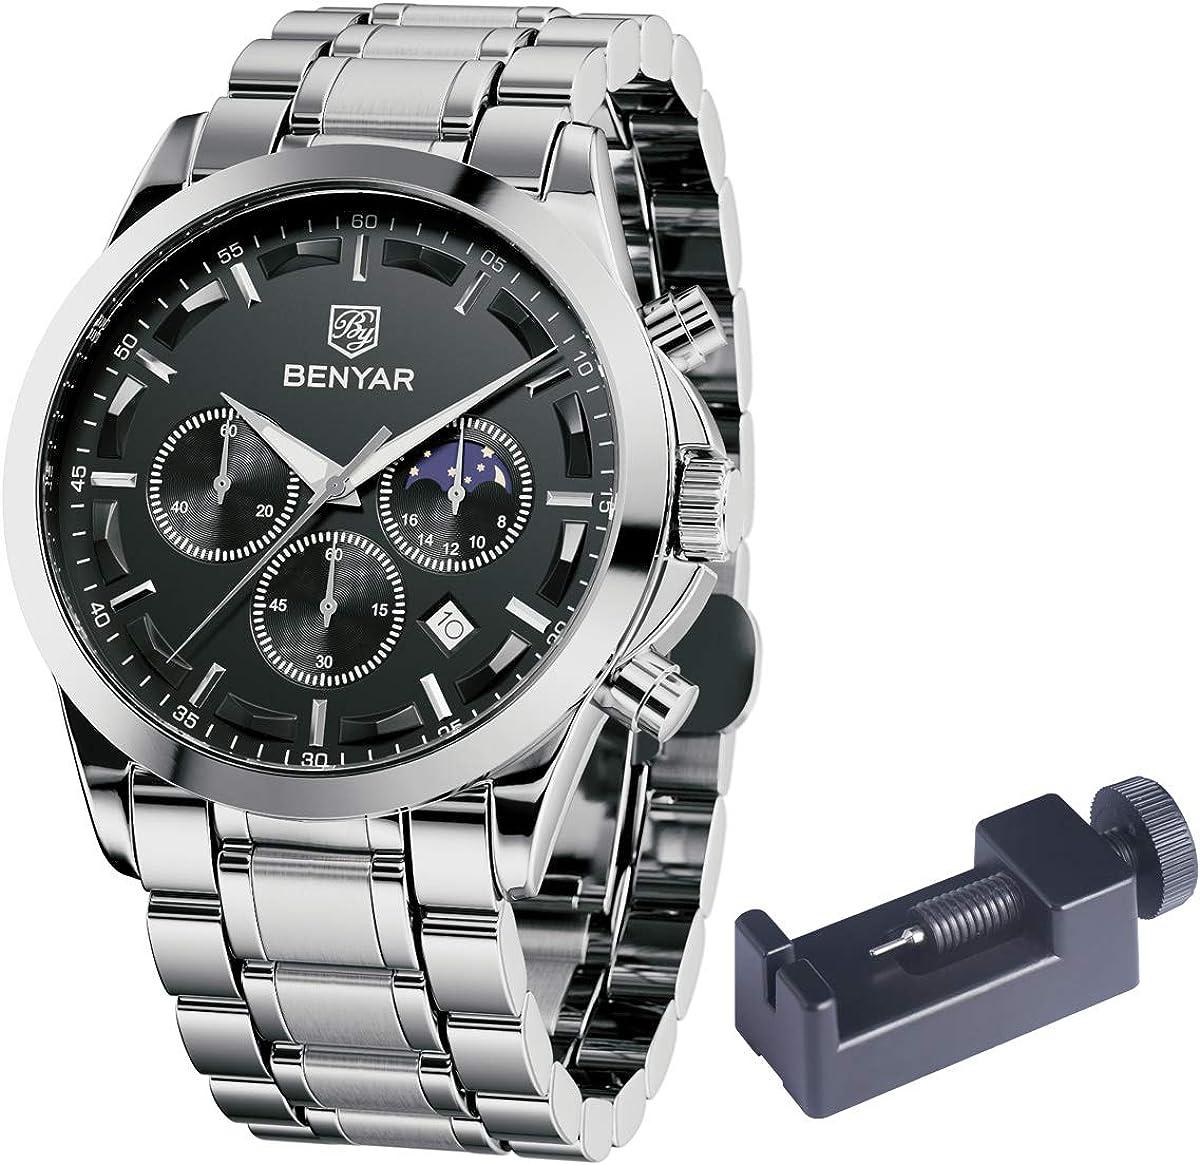 Relojes de Acero Inoxidable para Hombre BENYAR Cronografo Movimiento Cuarzo 3bar Impermeable Diseño Casual de Negocios Relojes de Pulsera Regalo Elegante